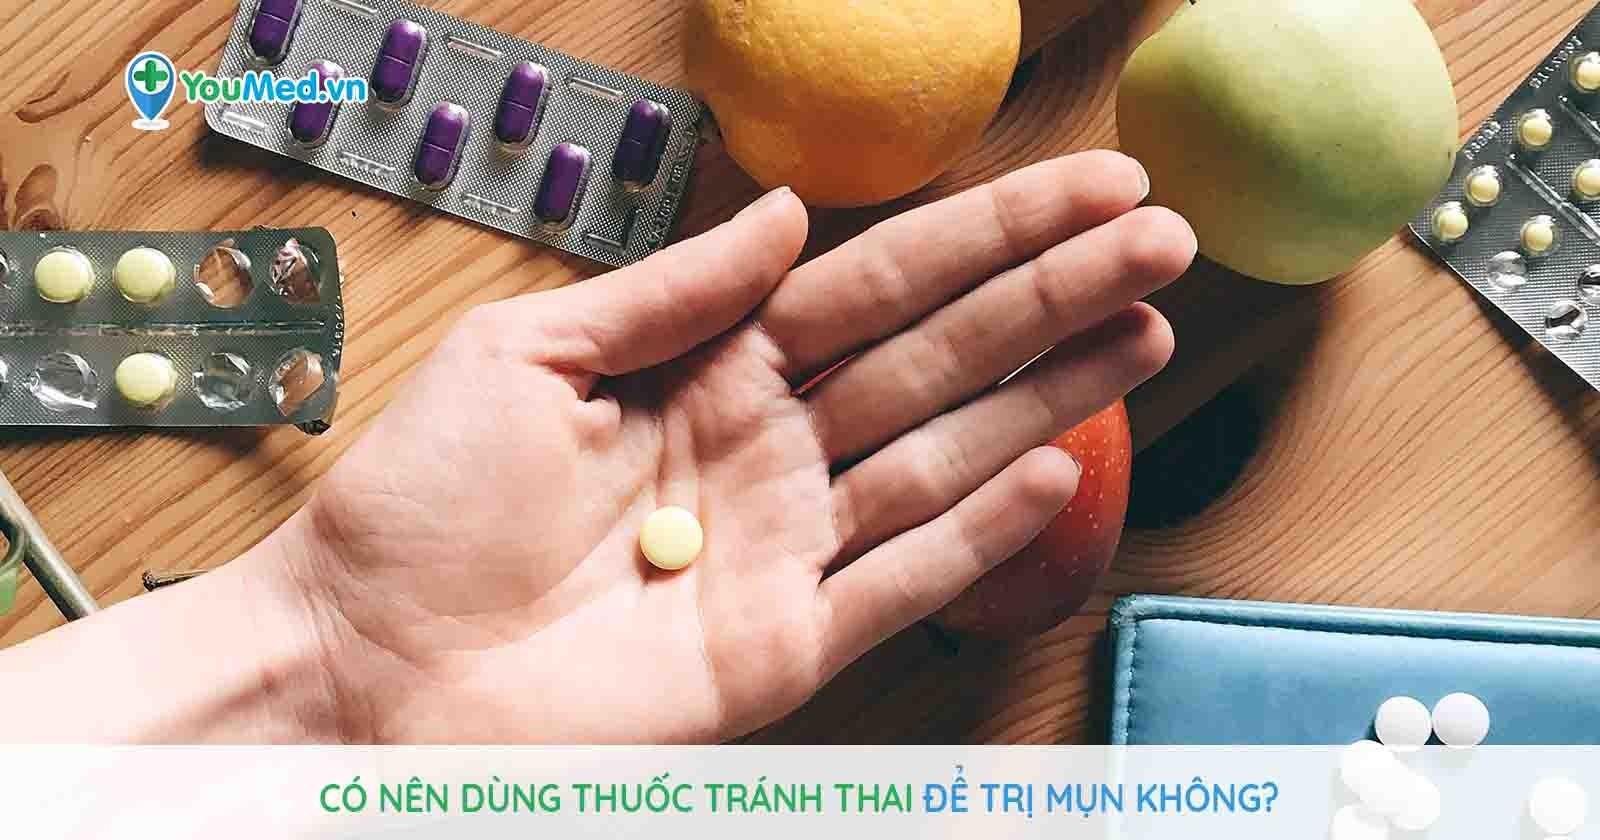 Có nên dùng thuốc tránh thai để trị mụn không?